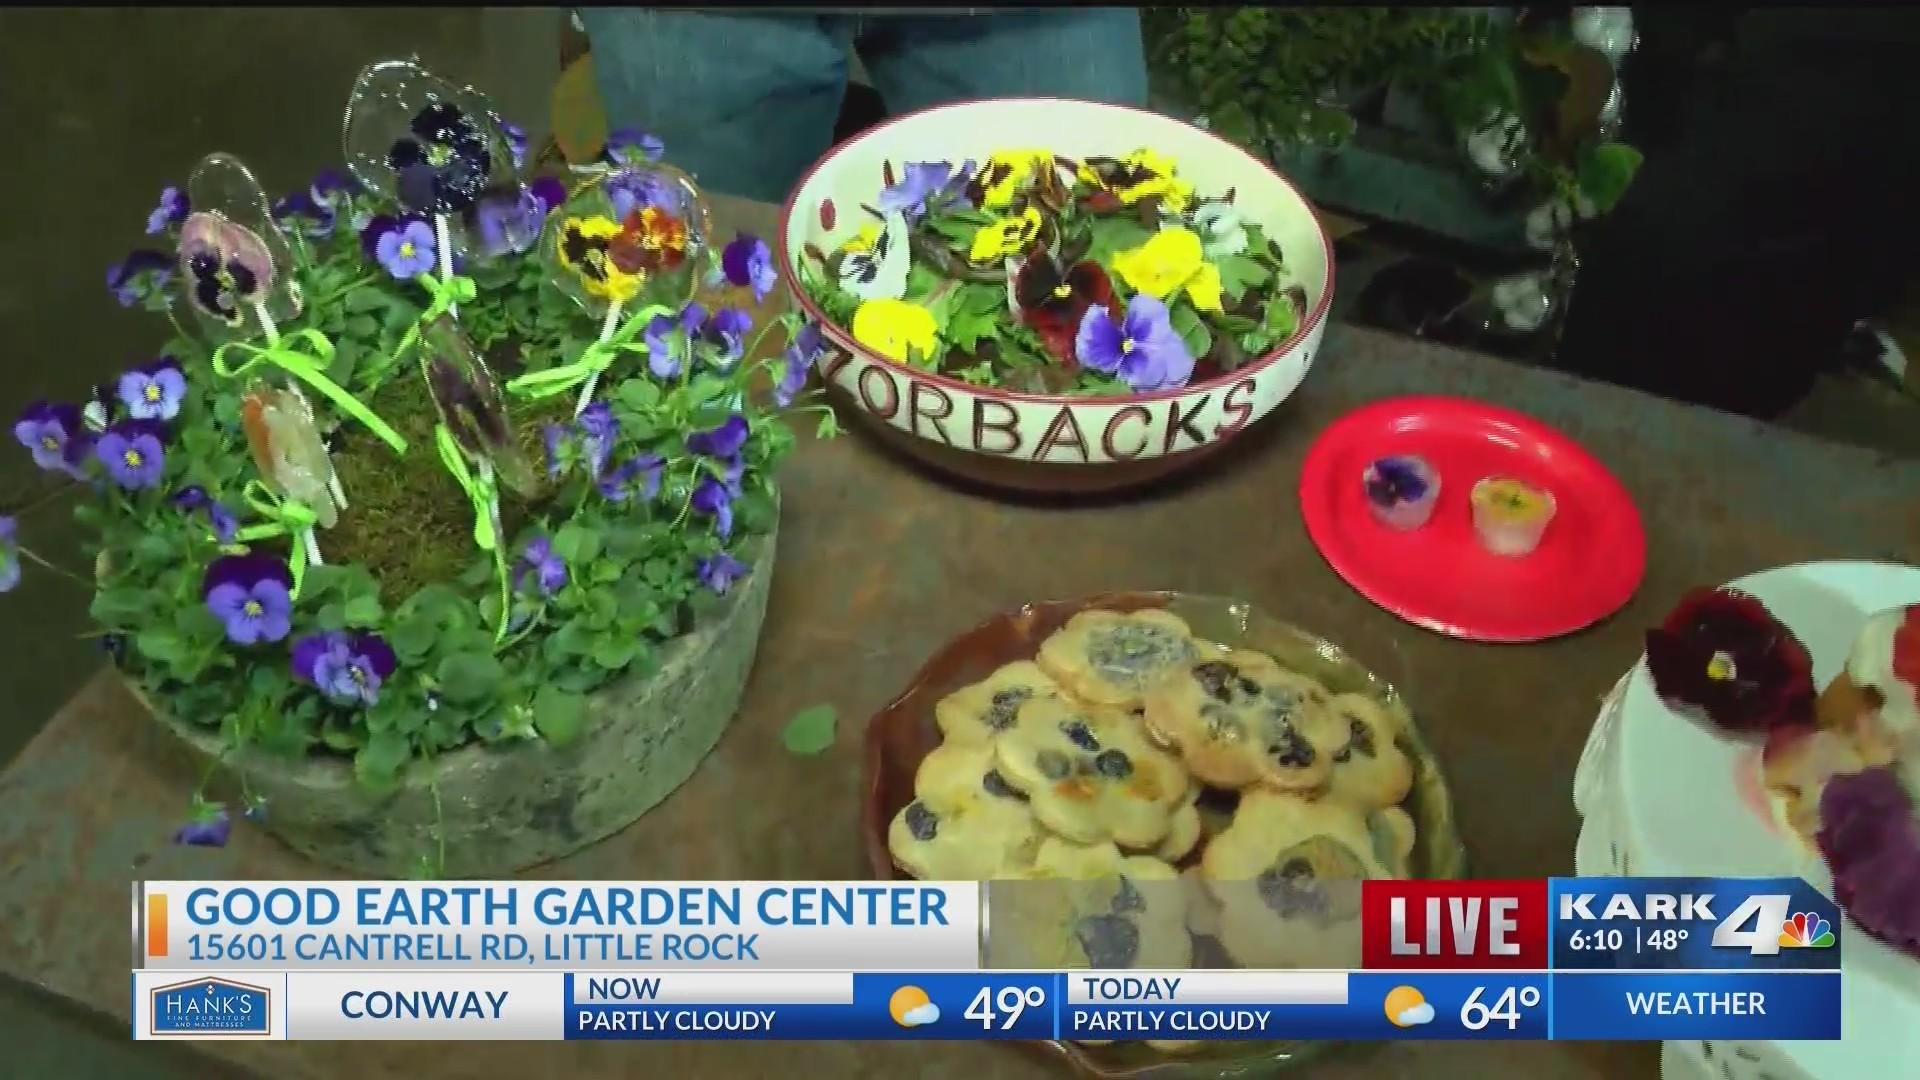 Good Earth Garden Center